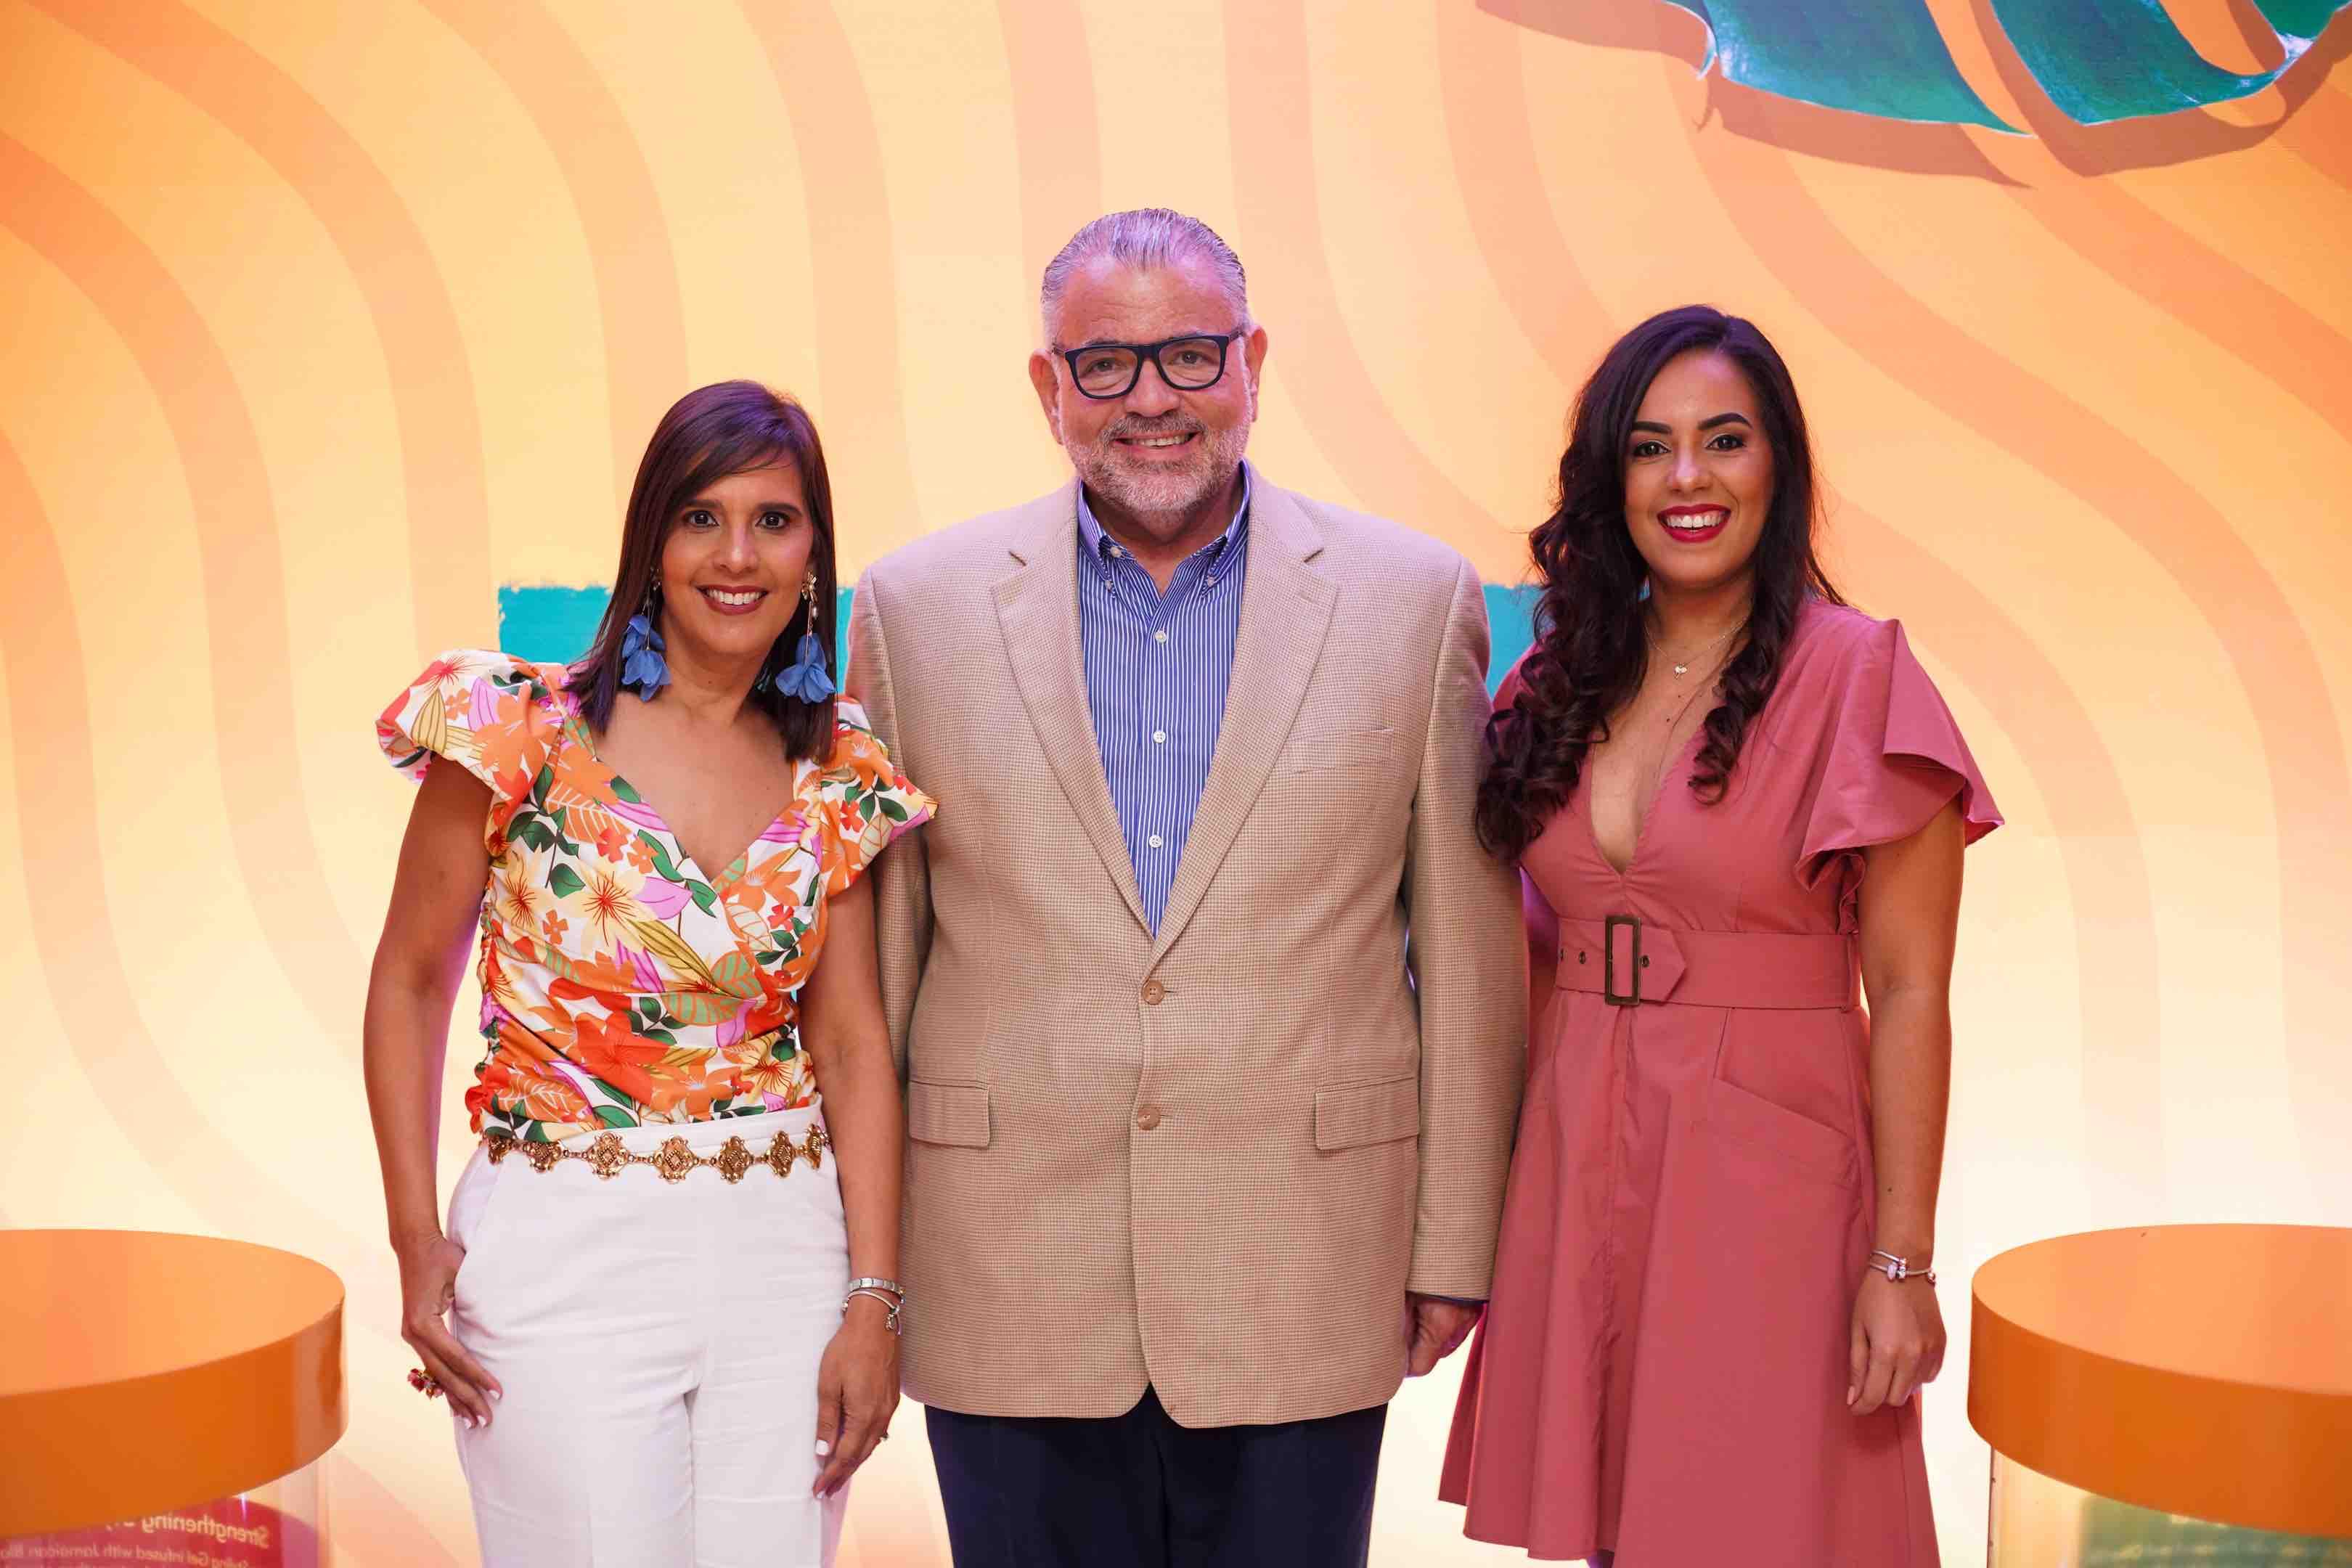 1. Gina MOntolio, Wilfredo Mallén & Franchesca veras